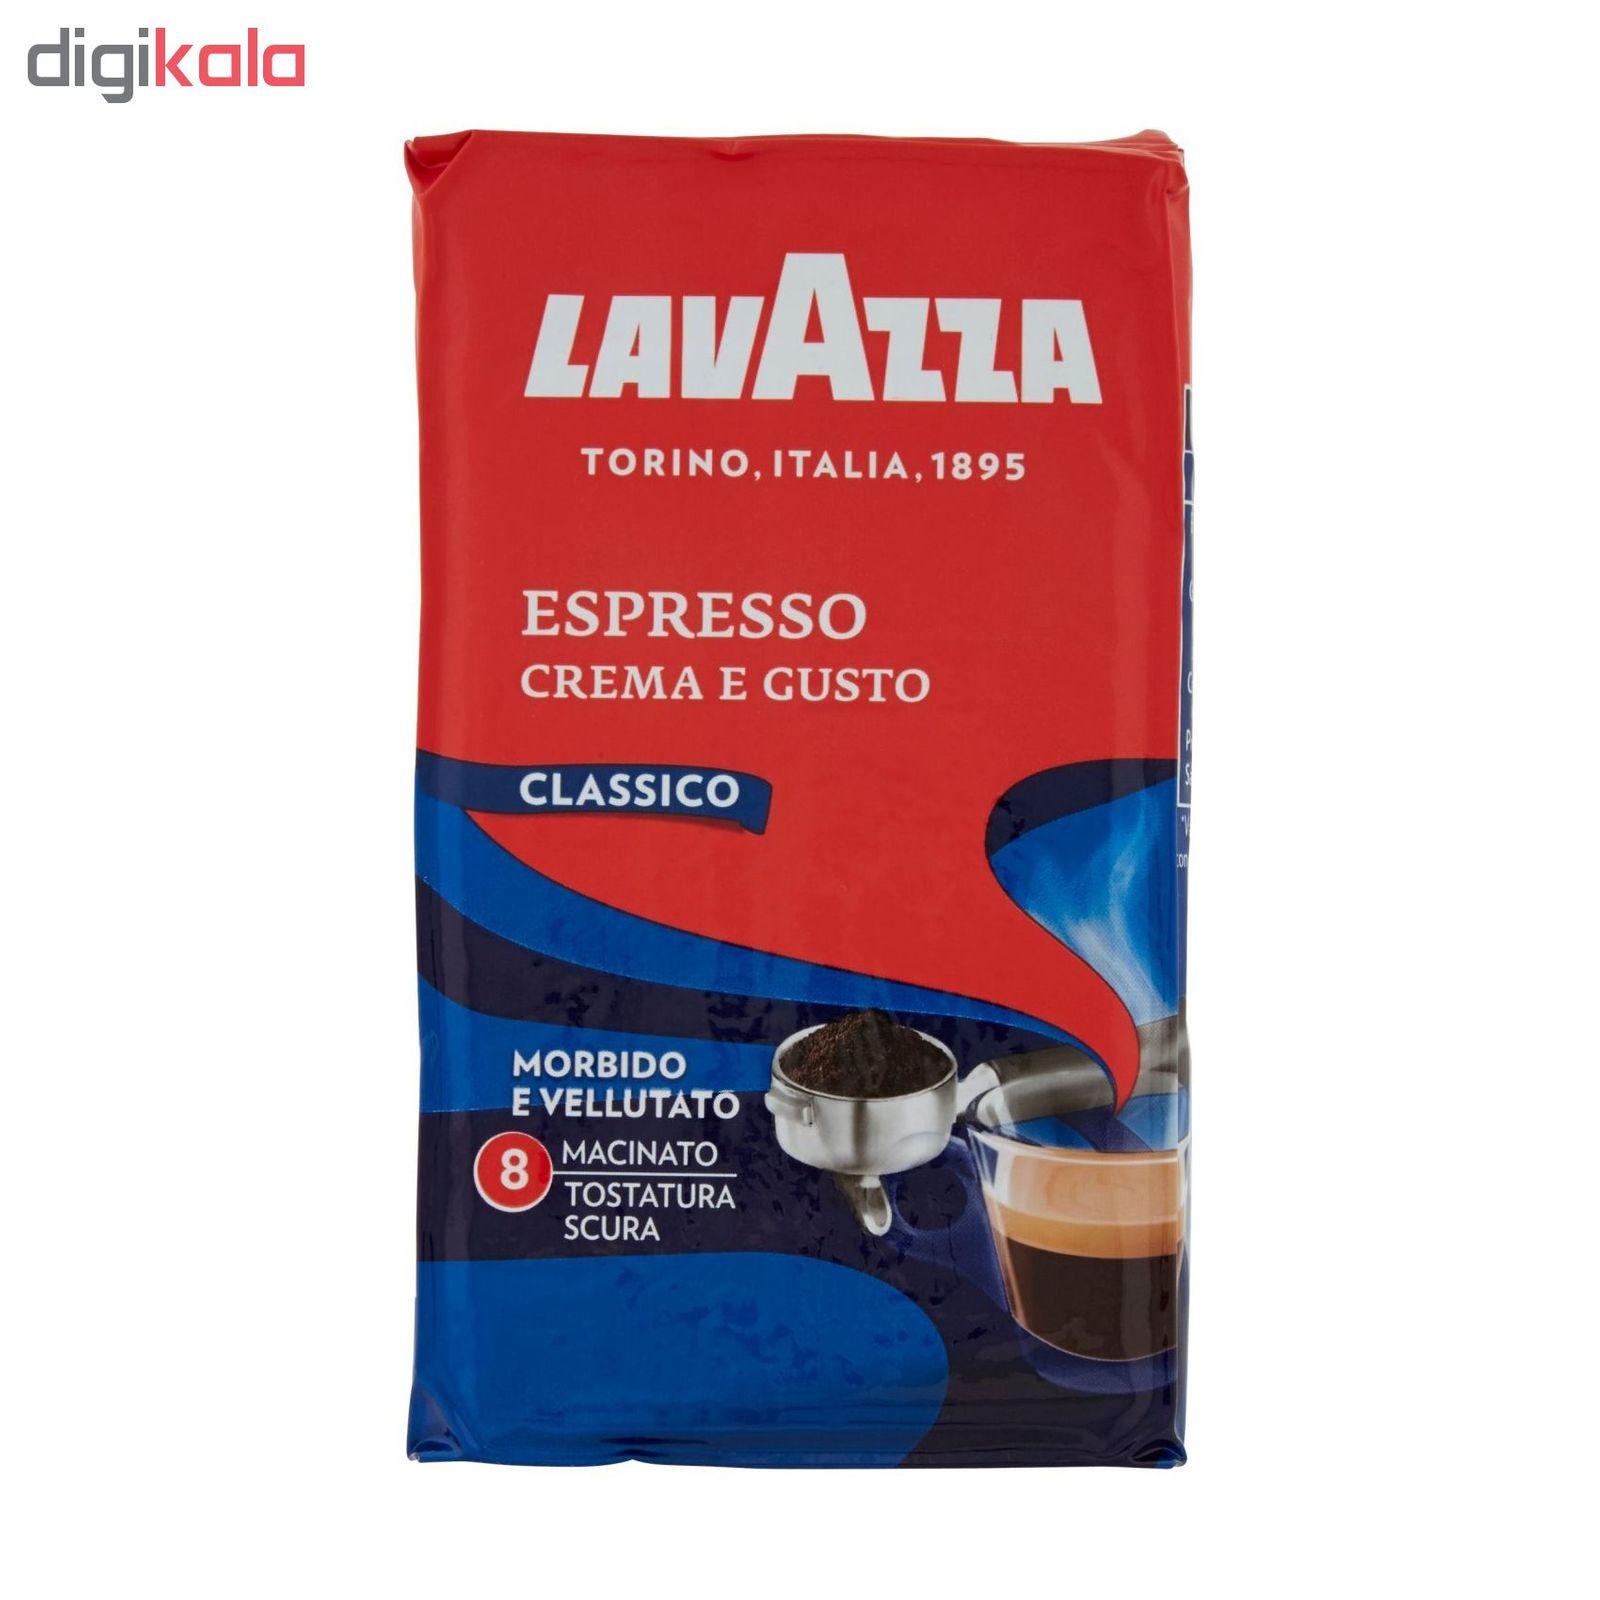 پودر قهوه لاواتزا مدل Crema e Gusto Classico مقدار 250 گرم main 1 4